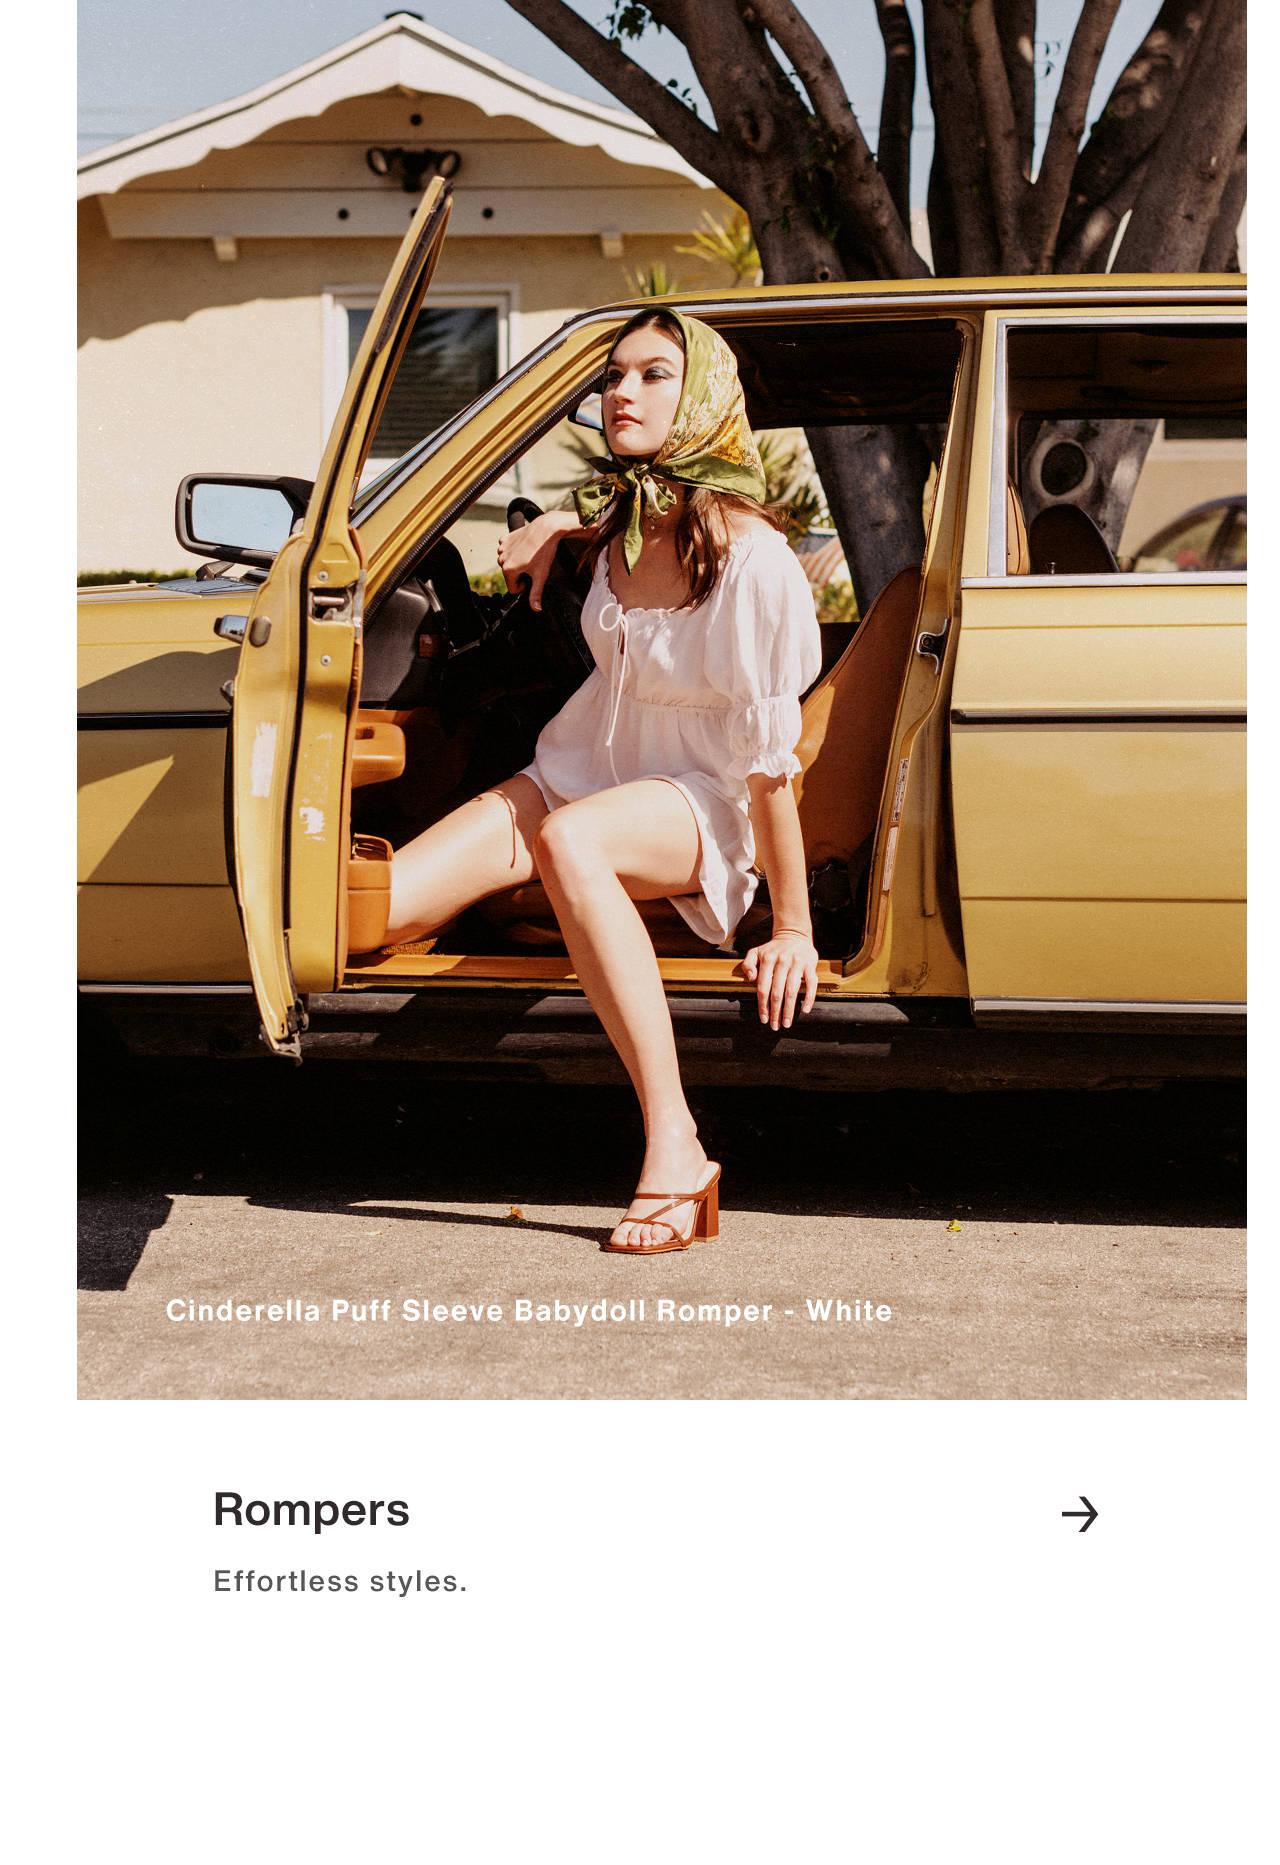 Rompers - Effortless styles.